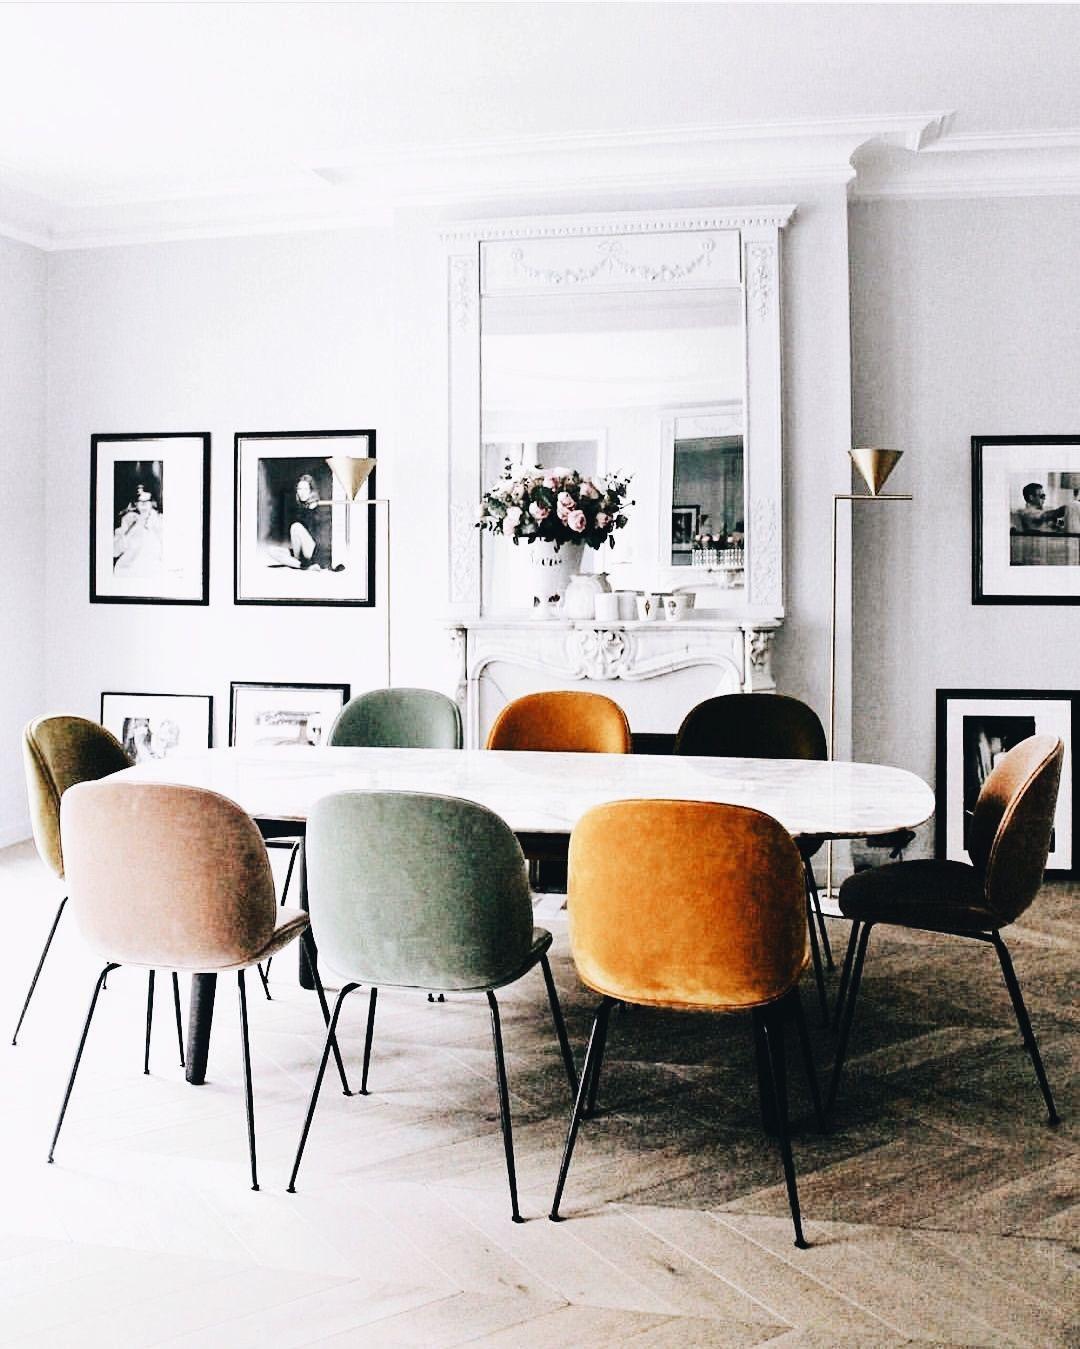 Cómo combinar sillas diferentes en el comedor con resultados